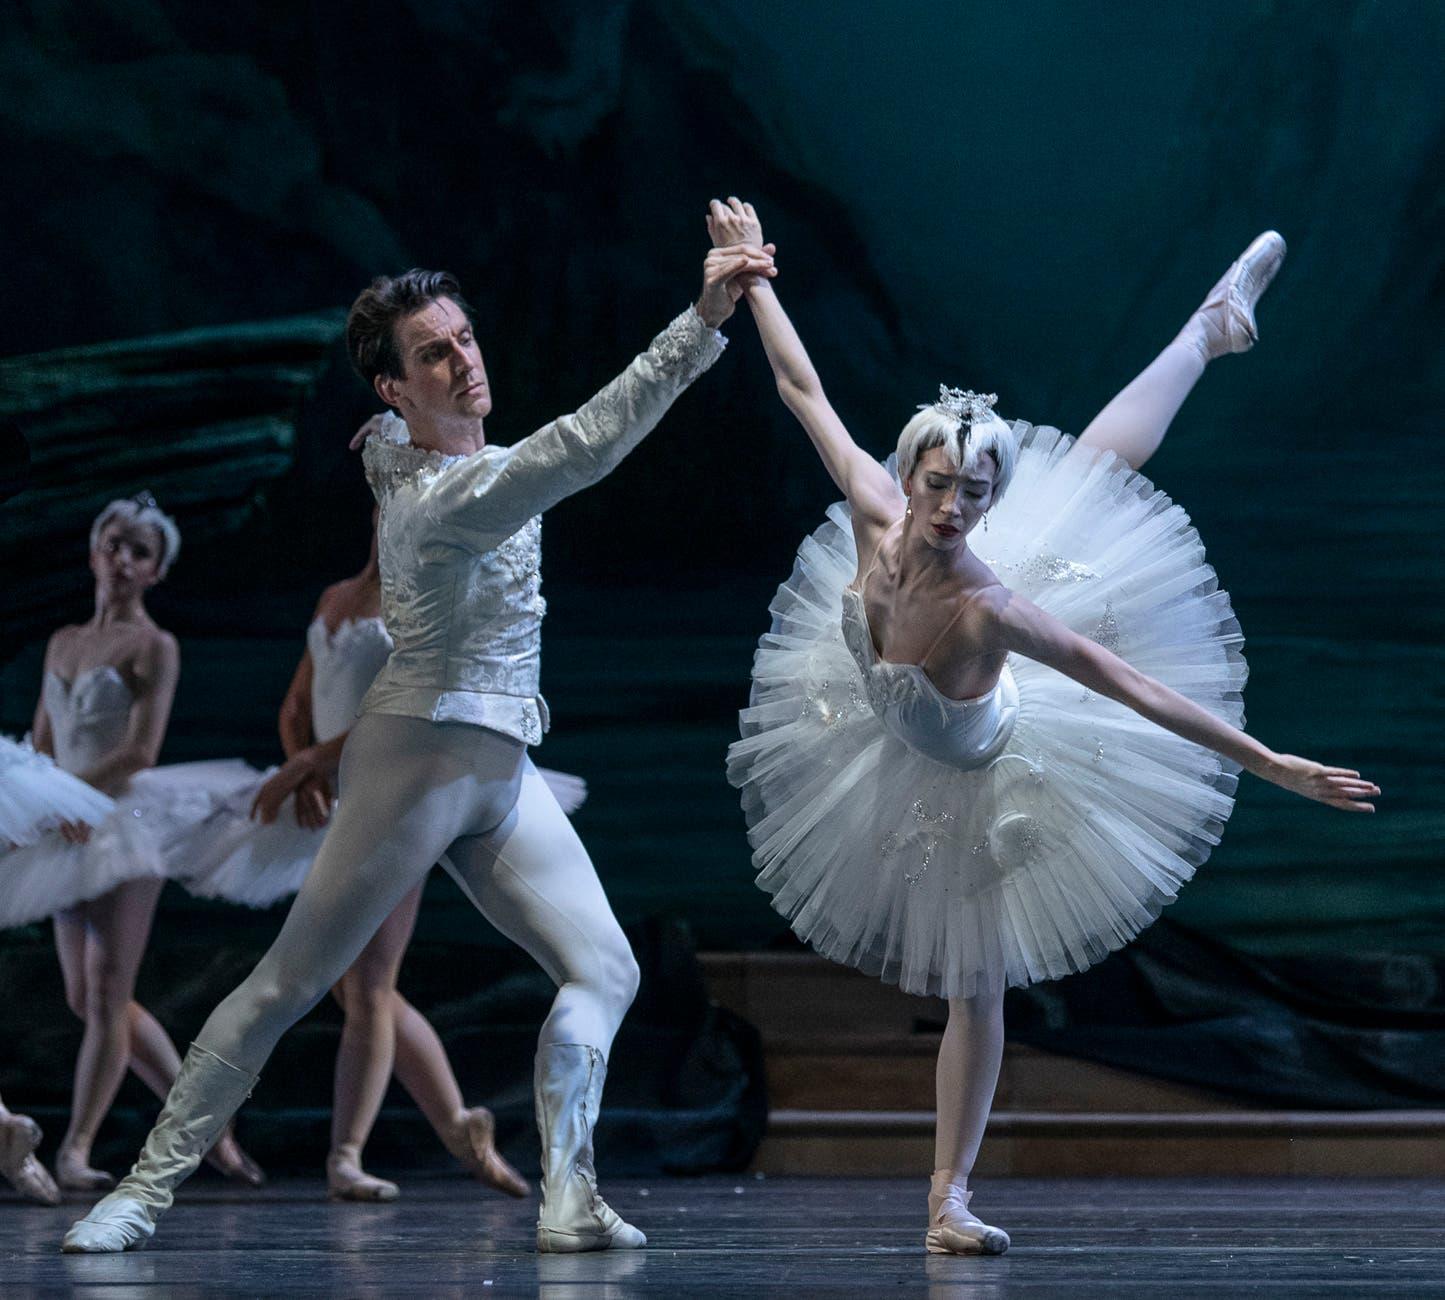 Teatro Colón: el hechizo de El lago de los cisnes, en un brillante cierre de temporada